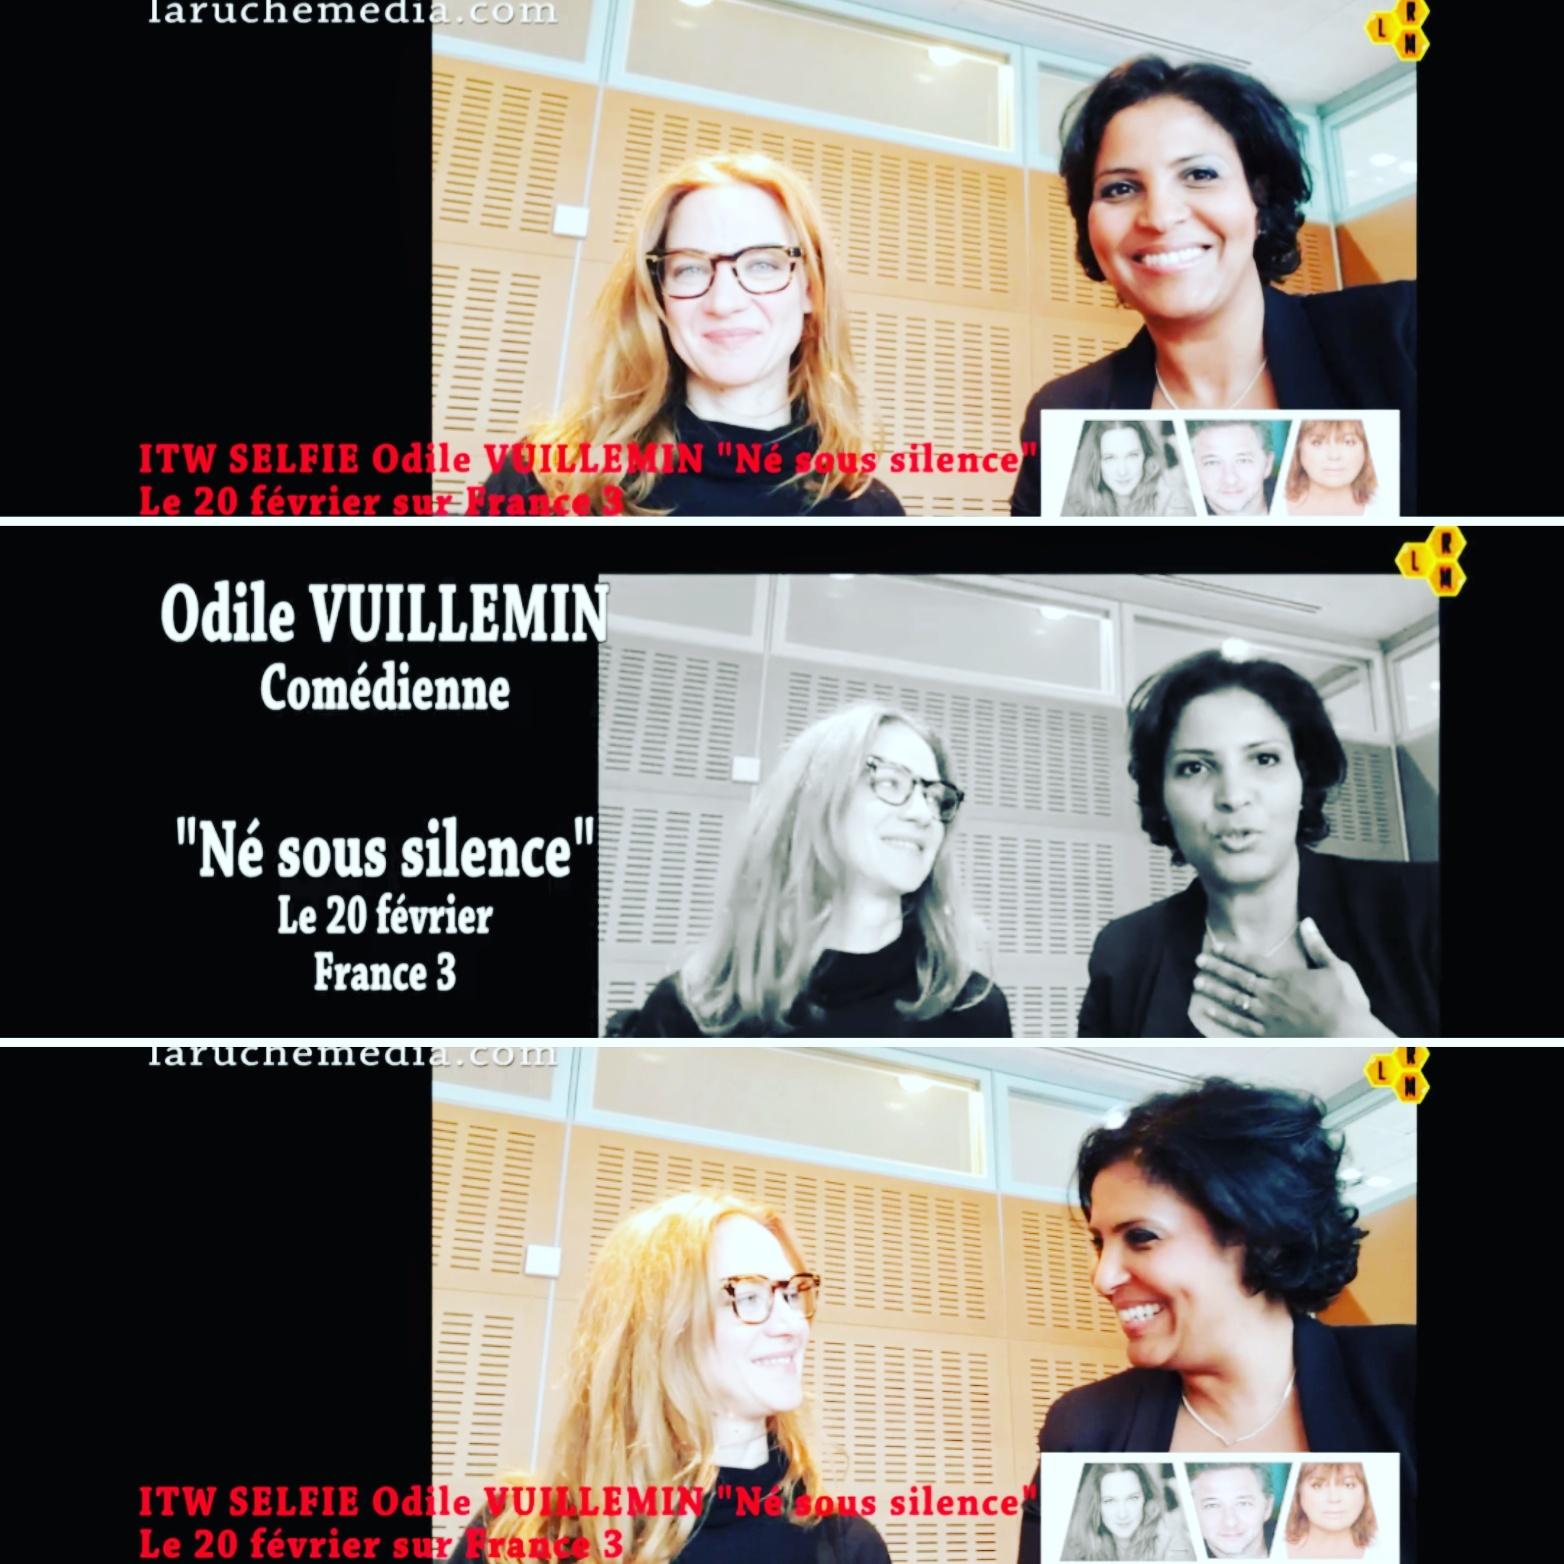 ODILE VUILLEMIN, L'ENTRETIEN : NE SOUS SILENCE DEMAIN SUR FRANCE 3